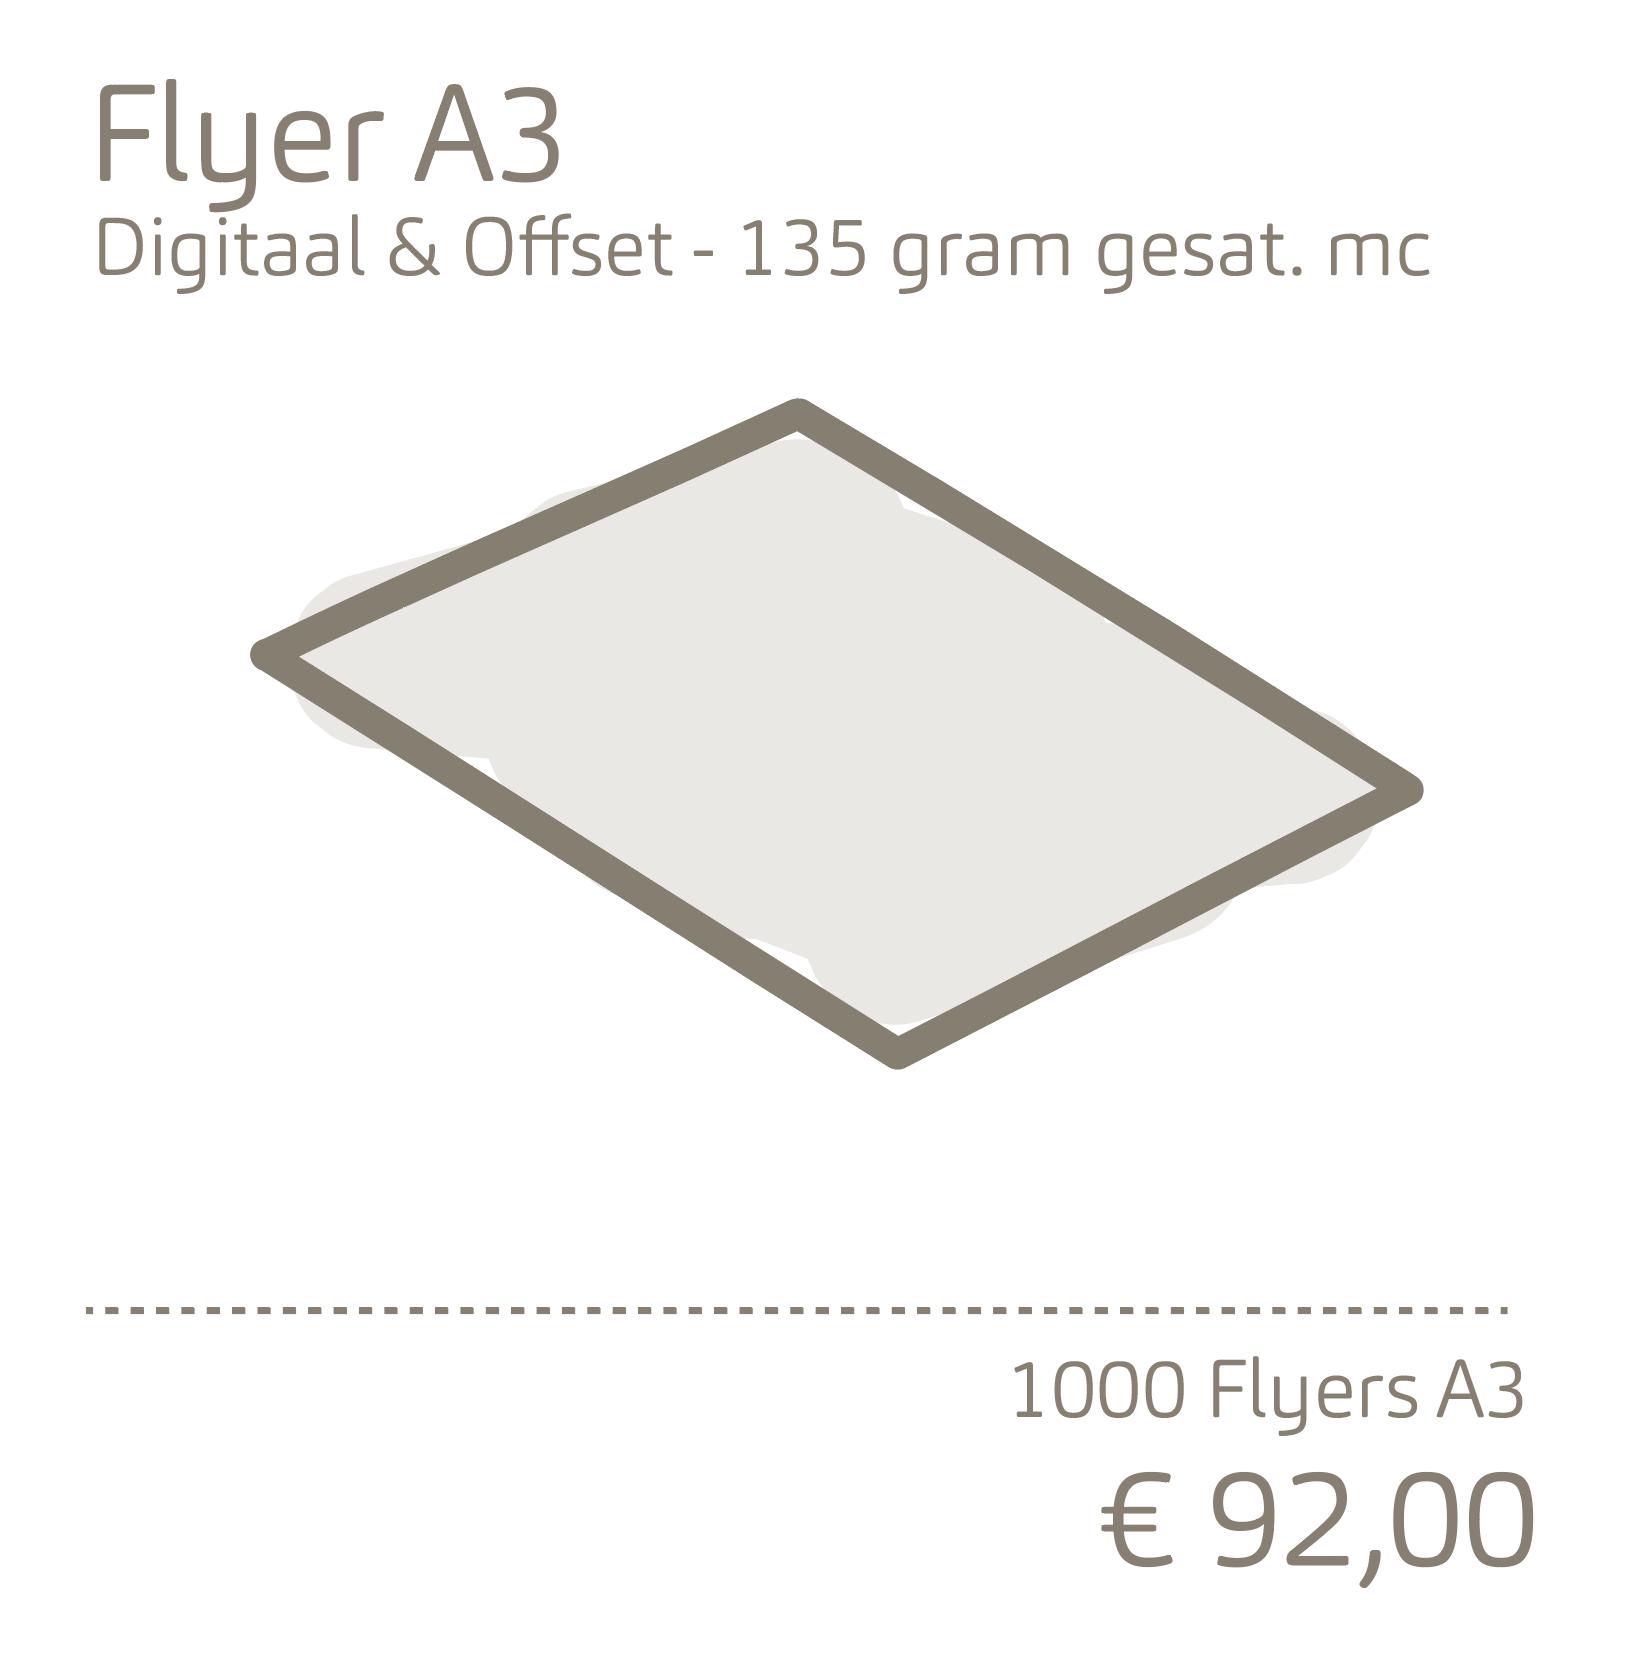 Flyer-A3